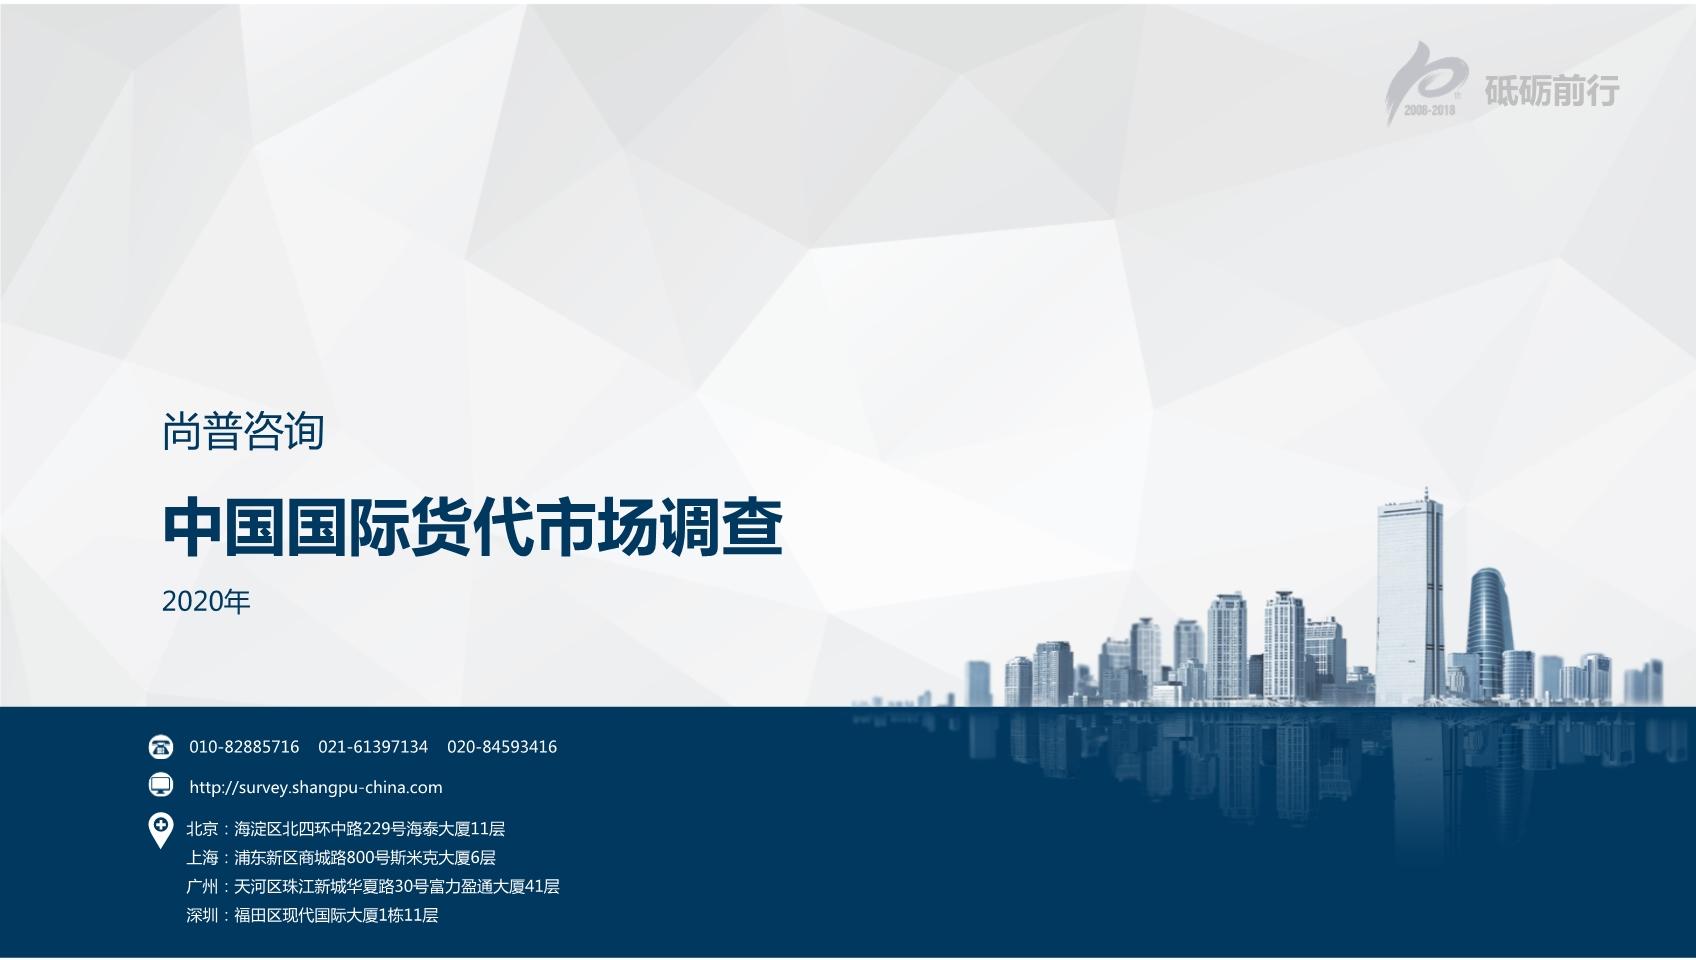 尚普咨询:2020年中国国际货代市场调查